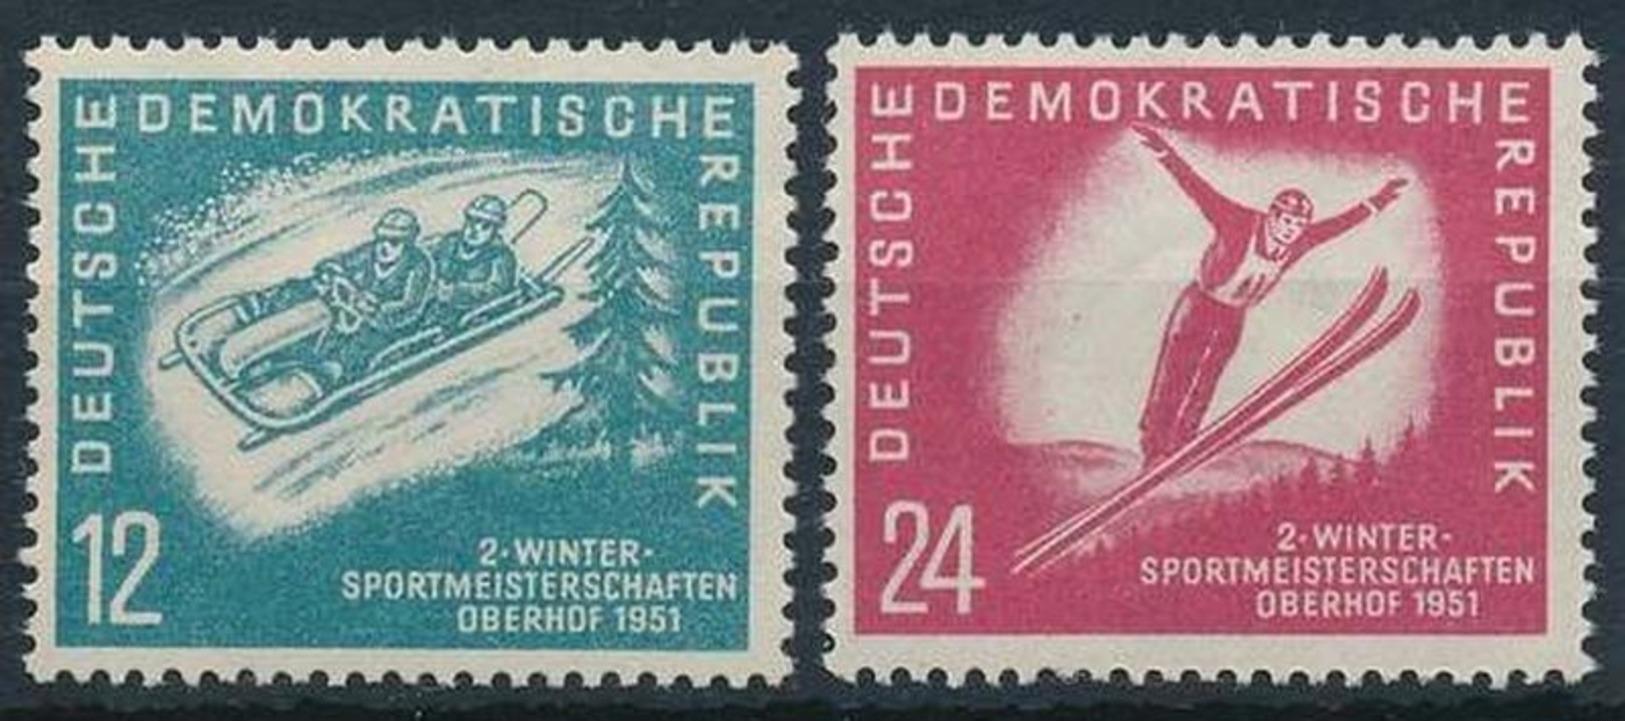 Nr. 280-281 Postfrisch Michel 20 € - DDR